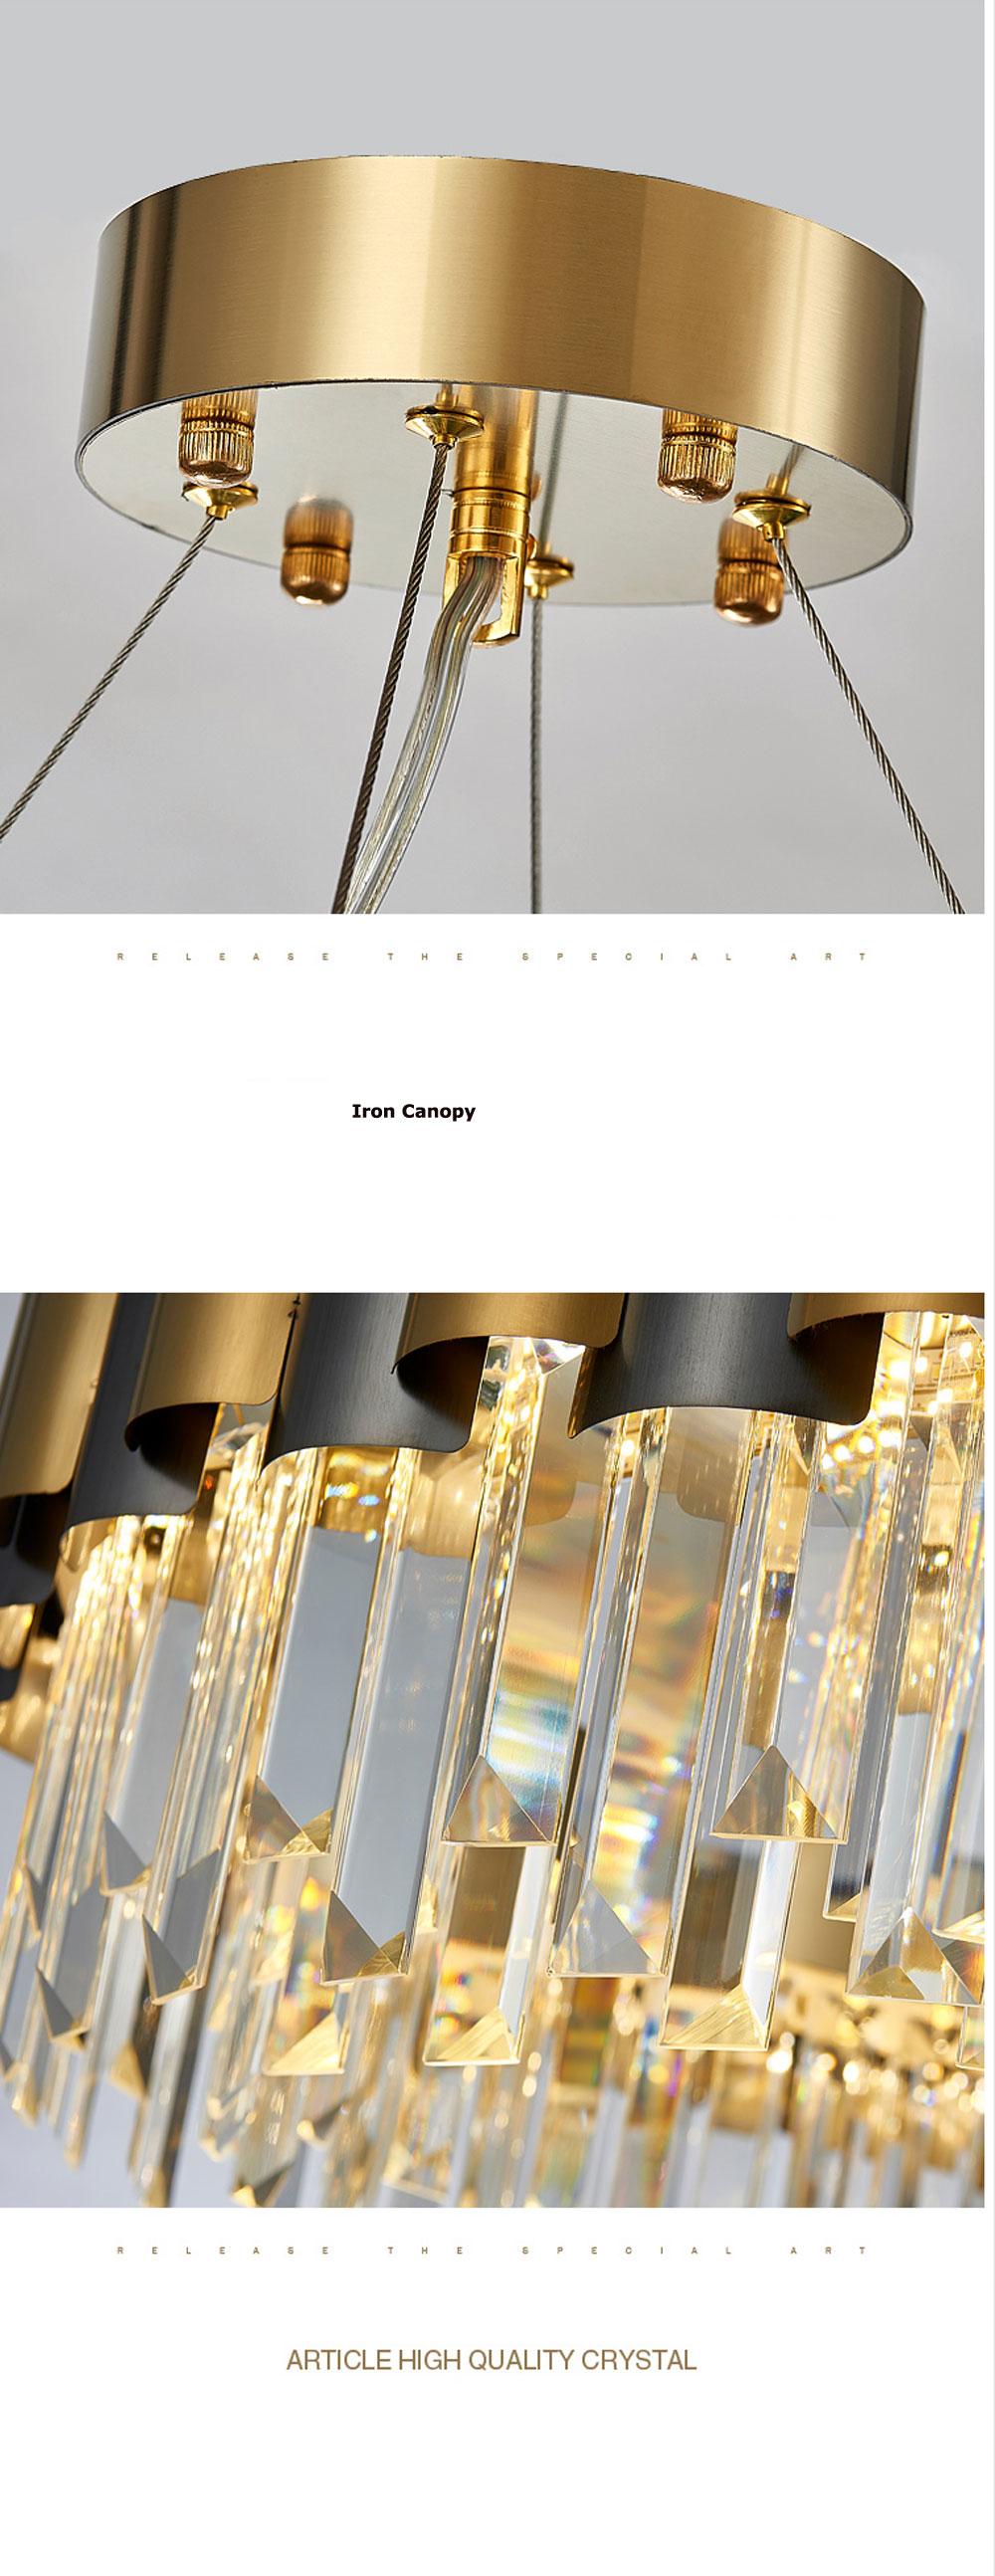 水晶吊灯客厅灯2019年新款简约后现代轻奢大气别墅餐厅不锈钢灯具-淘宝网_08